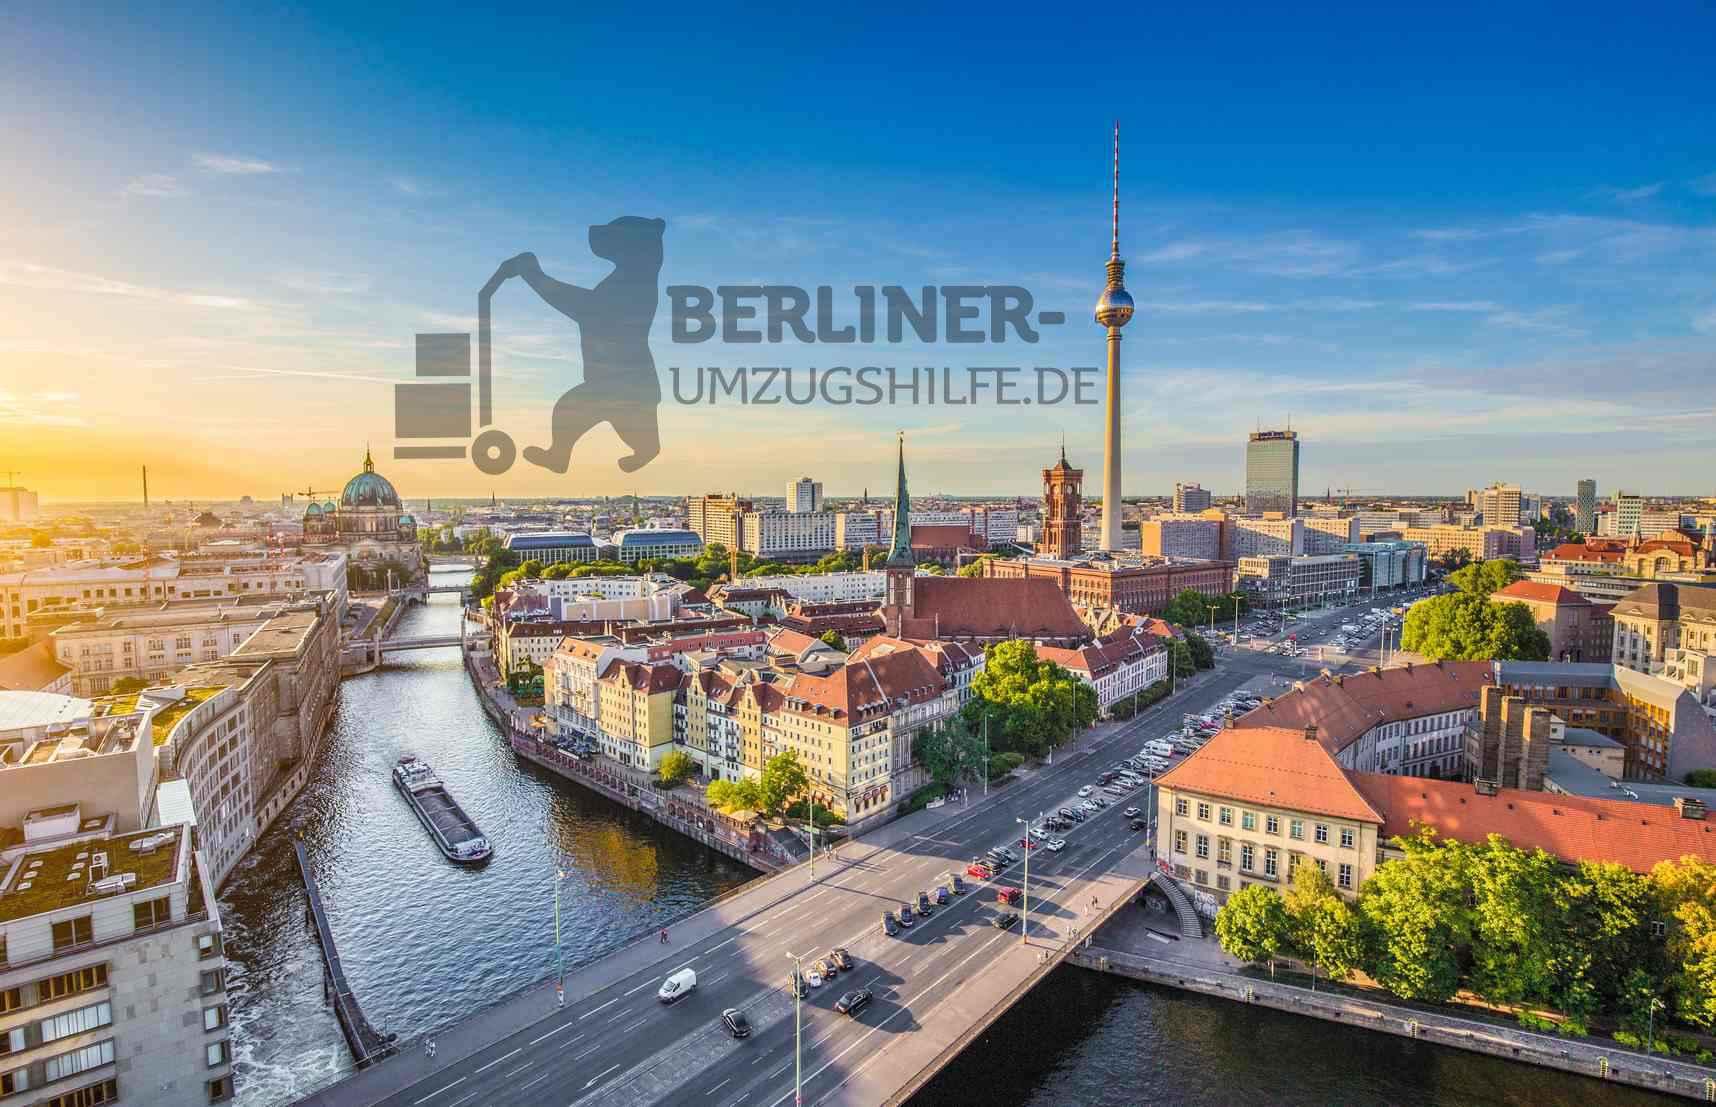 berliner-umzugshilfe.de